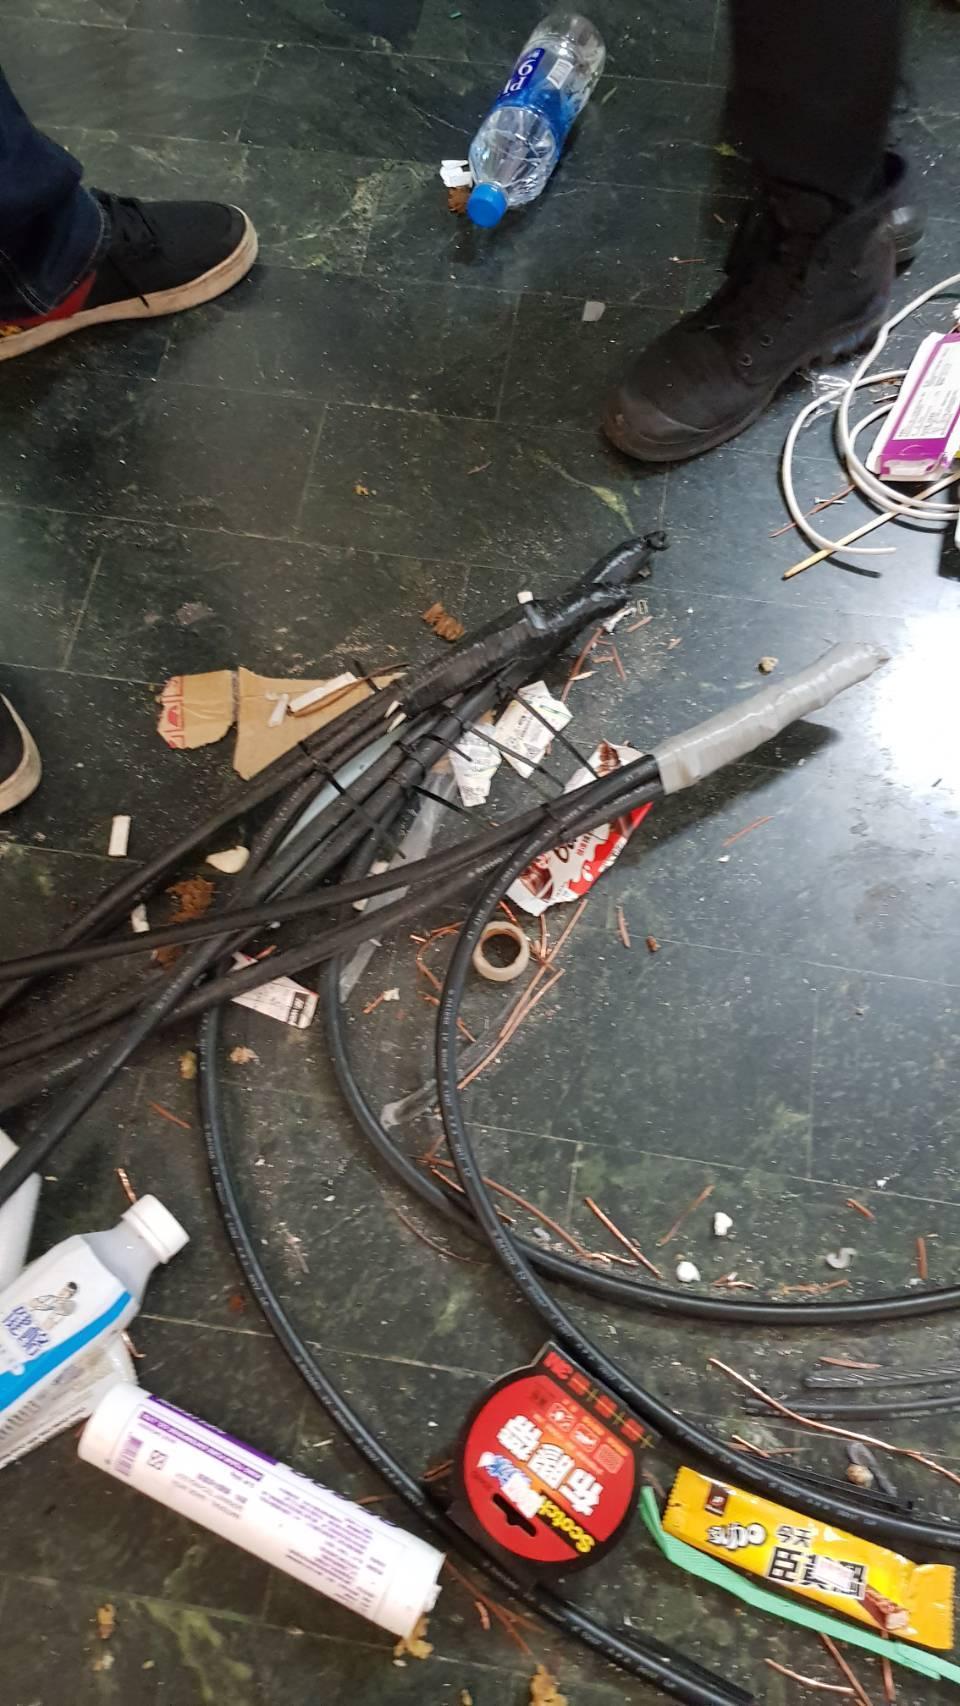 嫌犯在公寓私接線路挖礦,可能導致電線走火。(翻攝畫面)